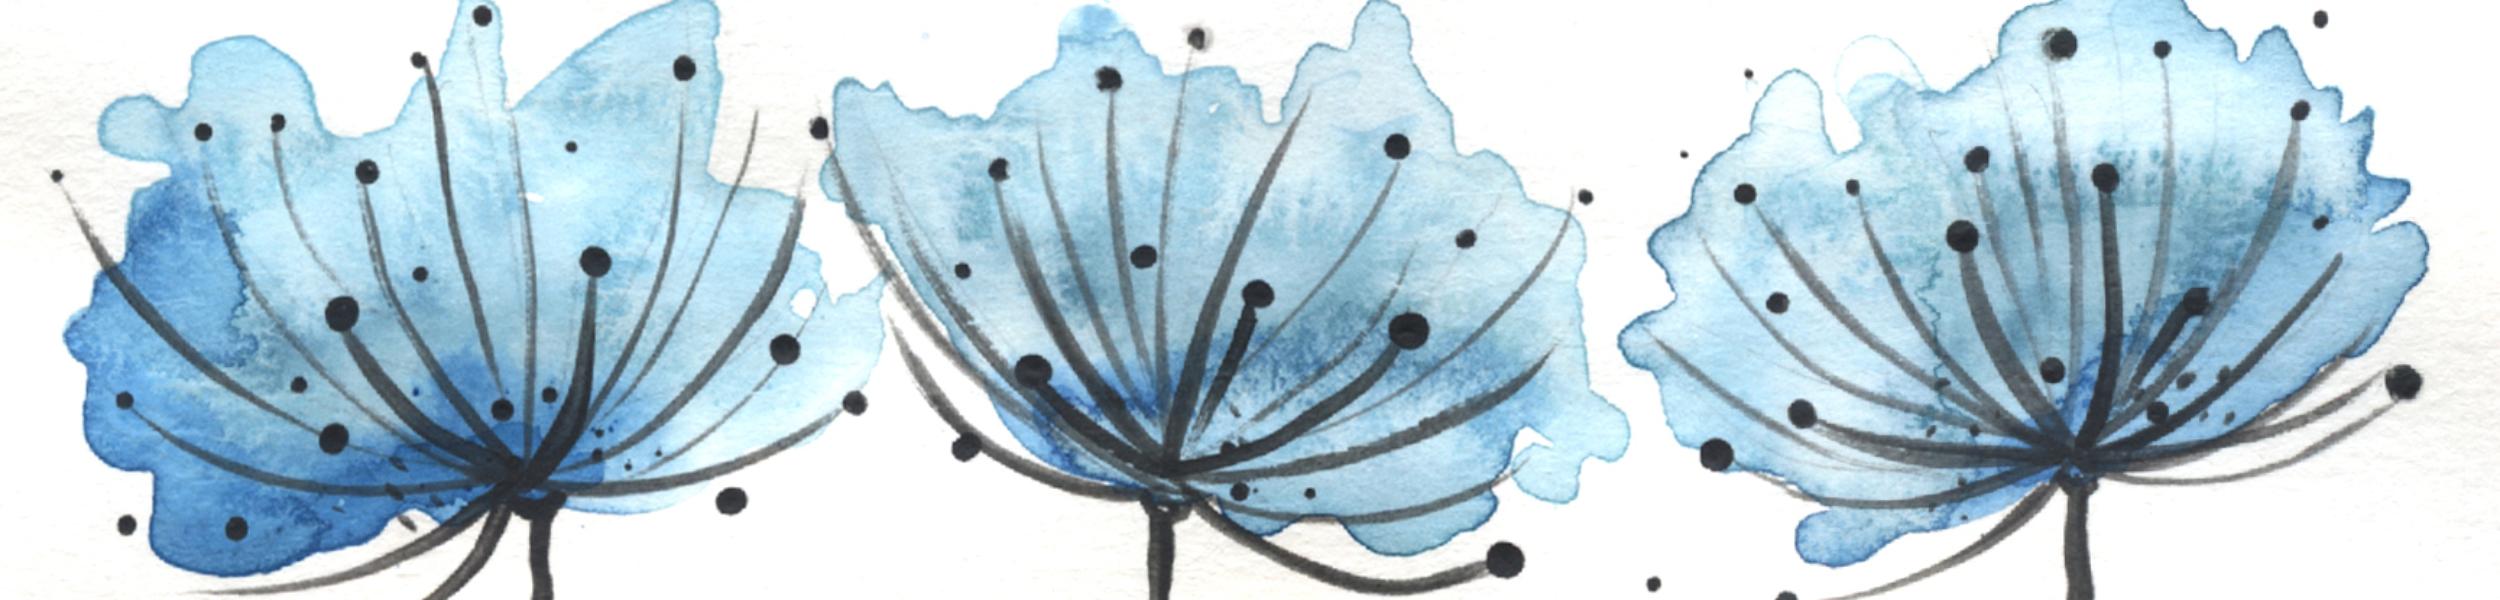 Bannière Capsule 1 Minibook 2 bleue 2500×600